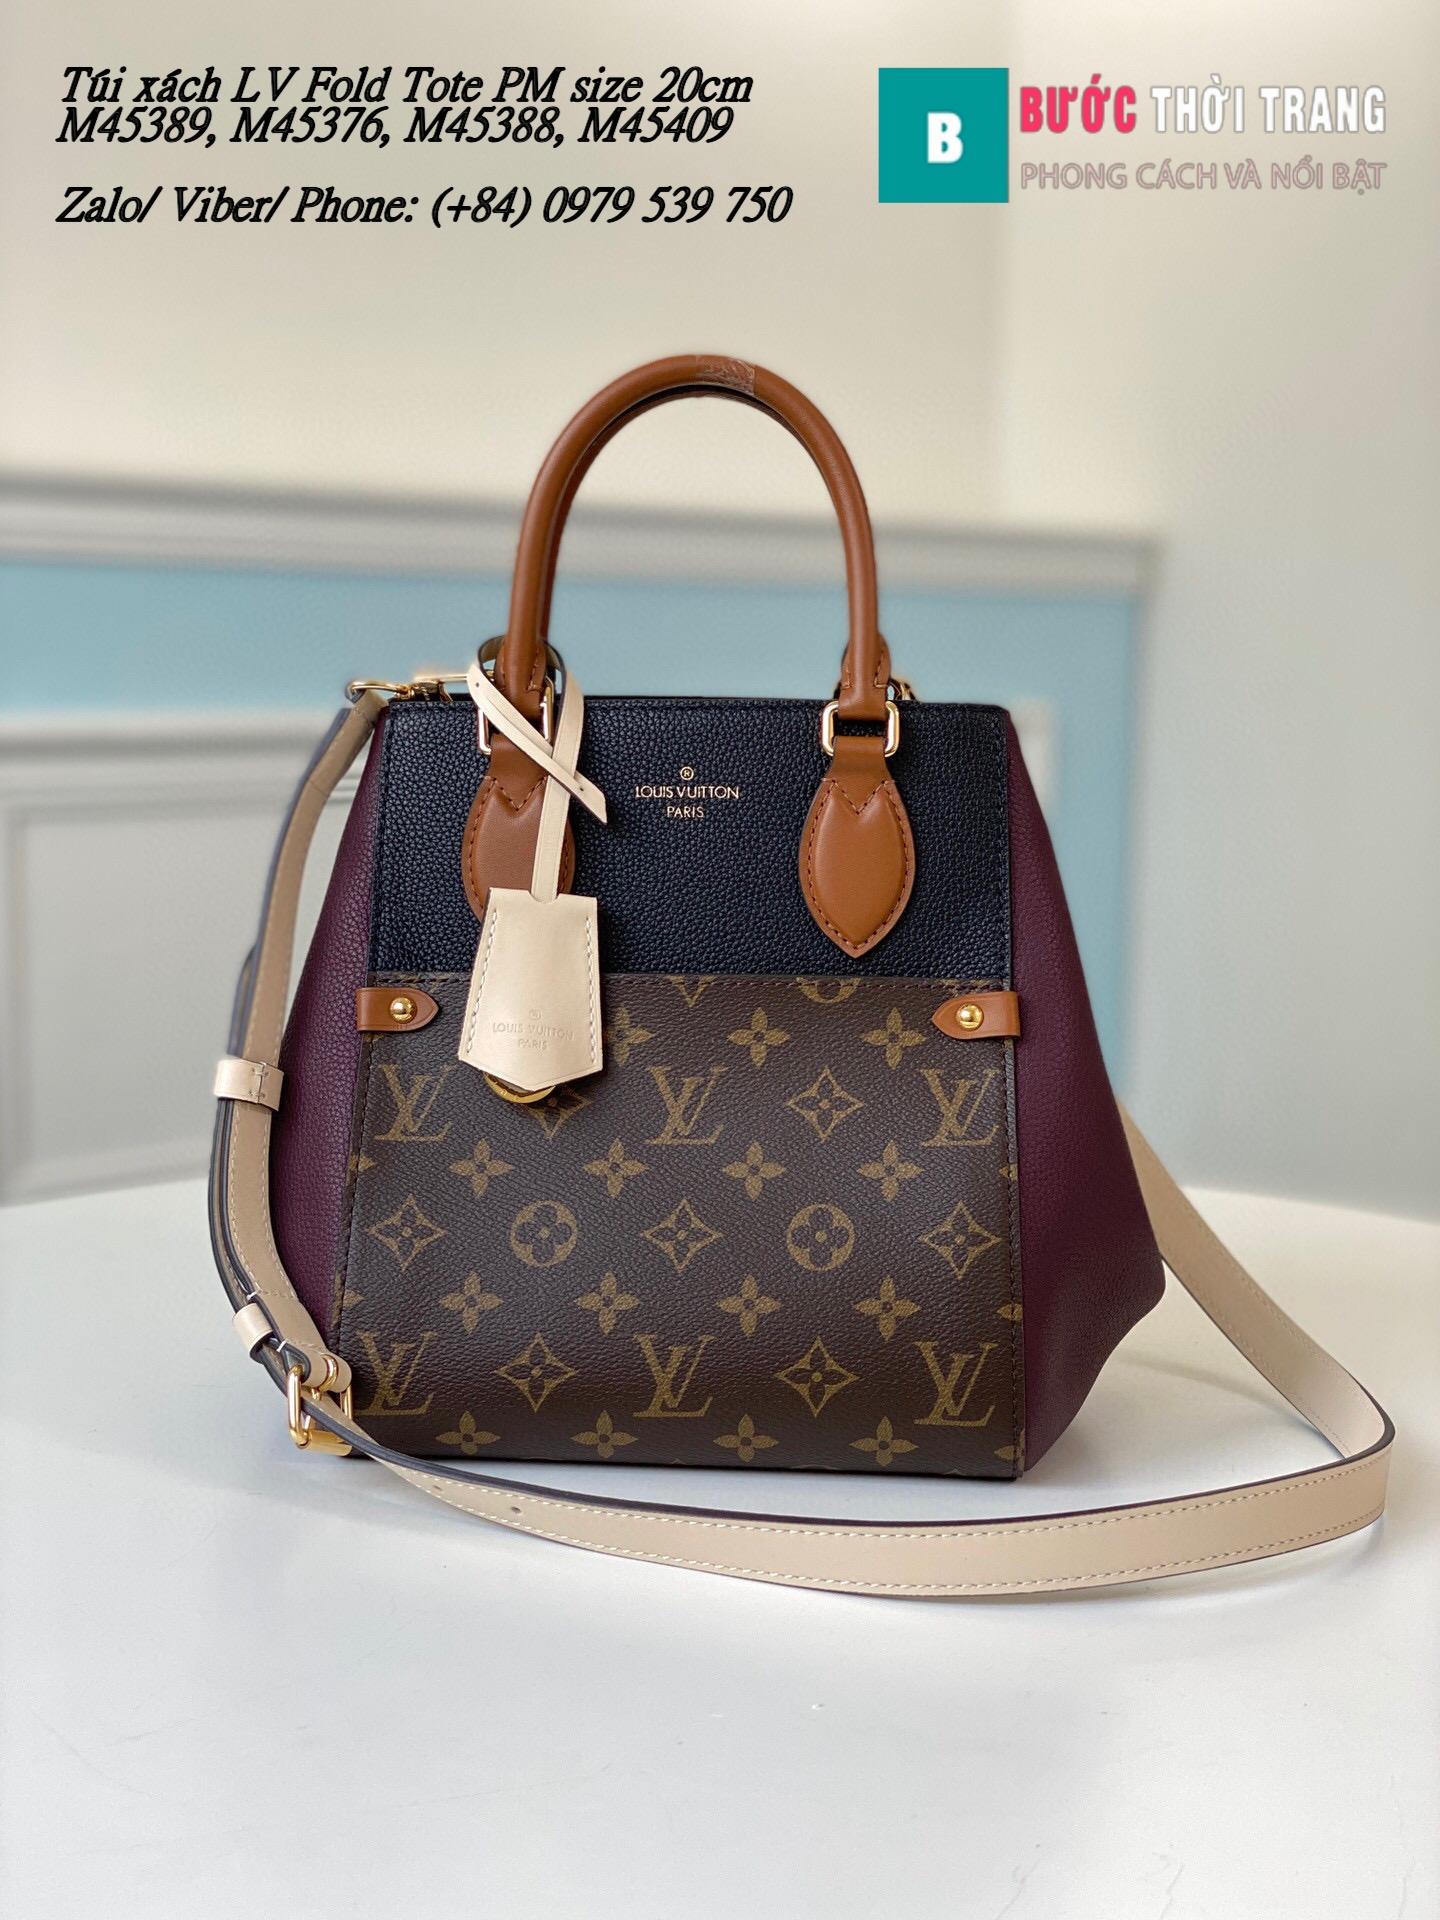 Túi Louis Vuitton LV Fold Tote PM siêu cấp size 20cm (28)